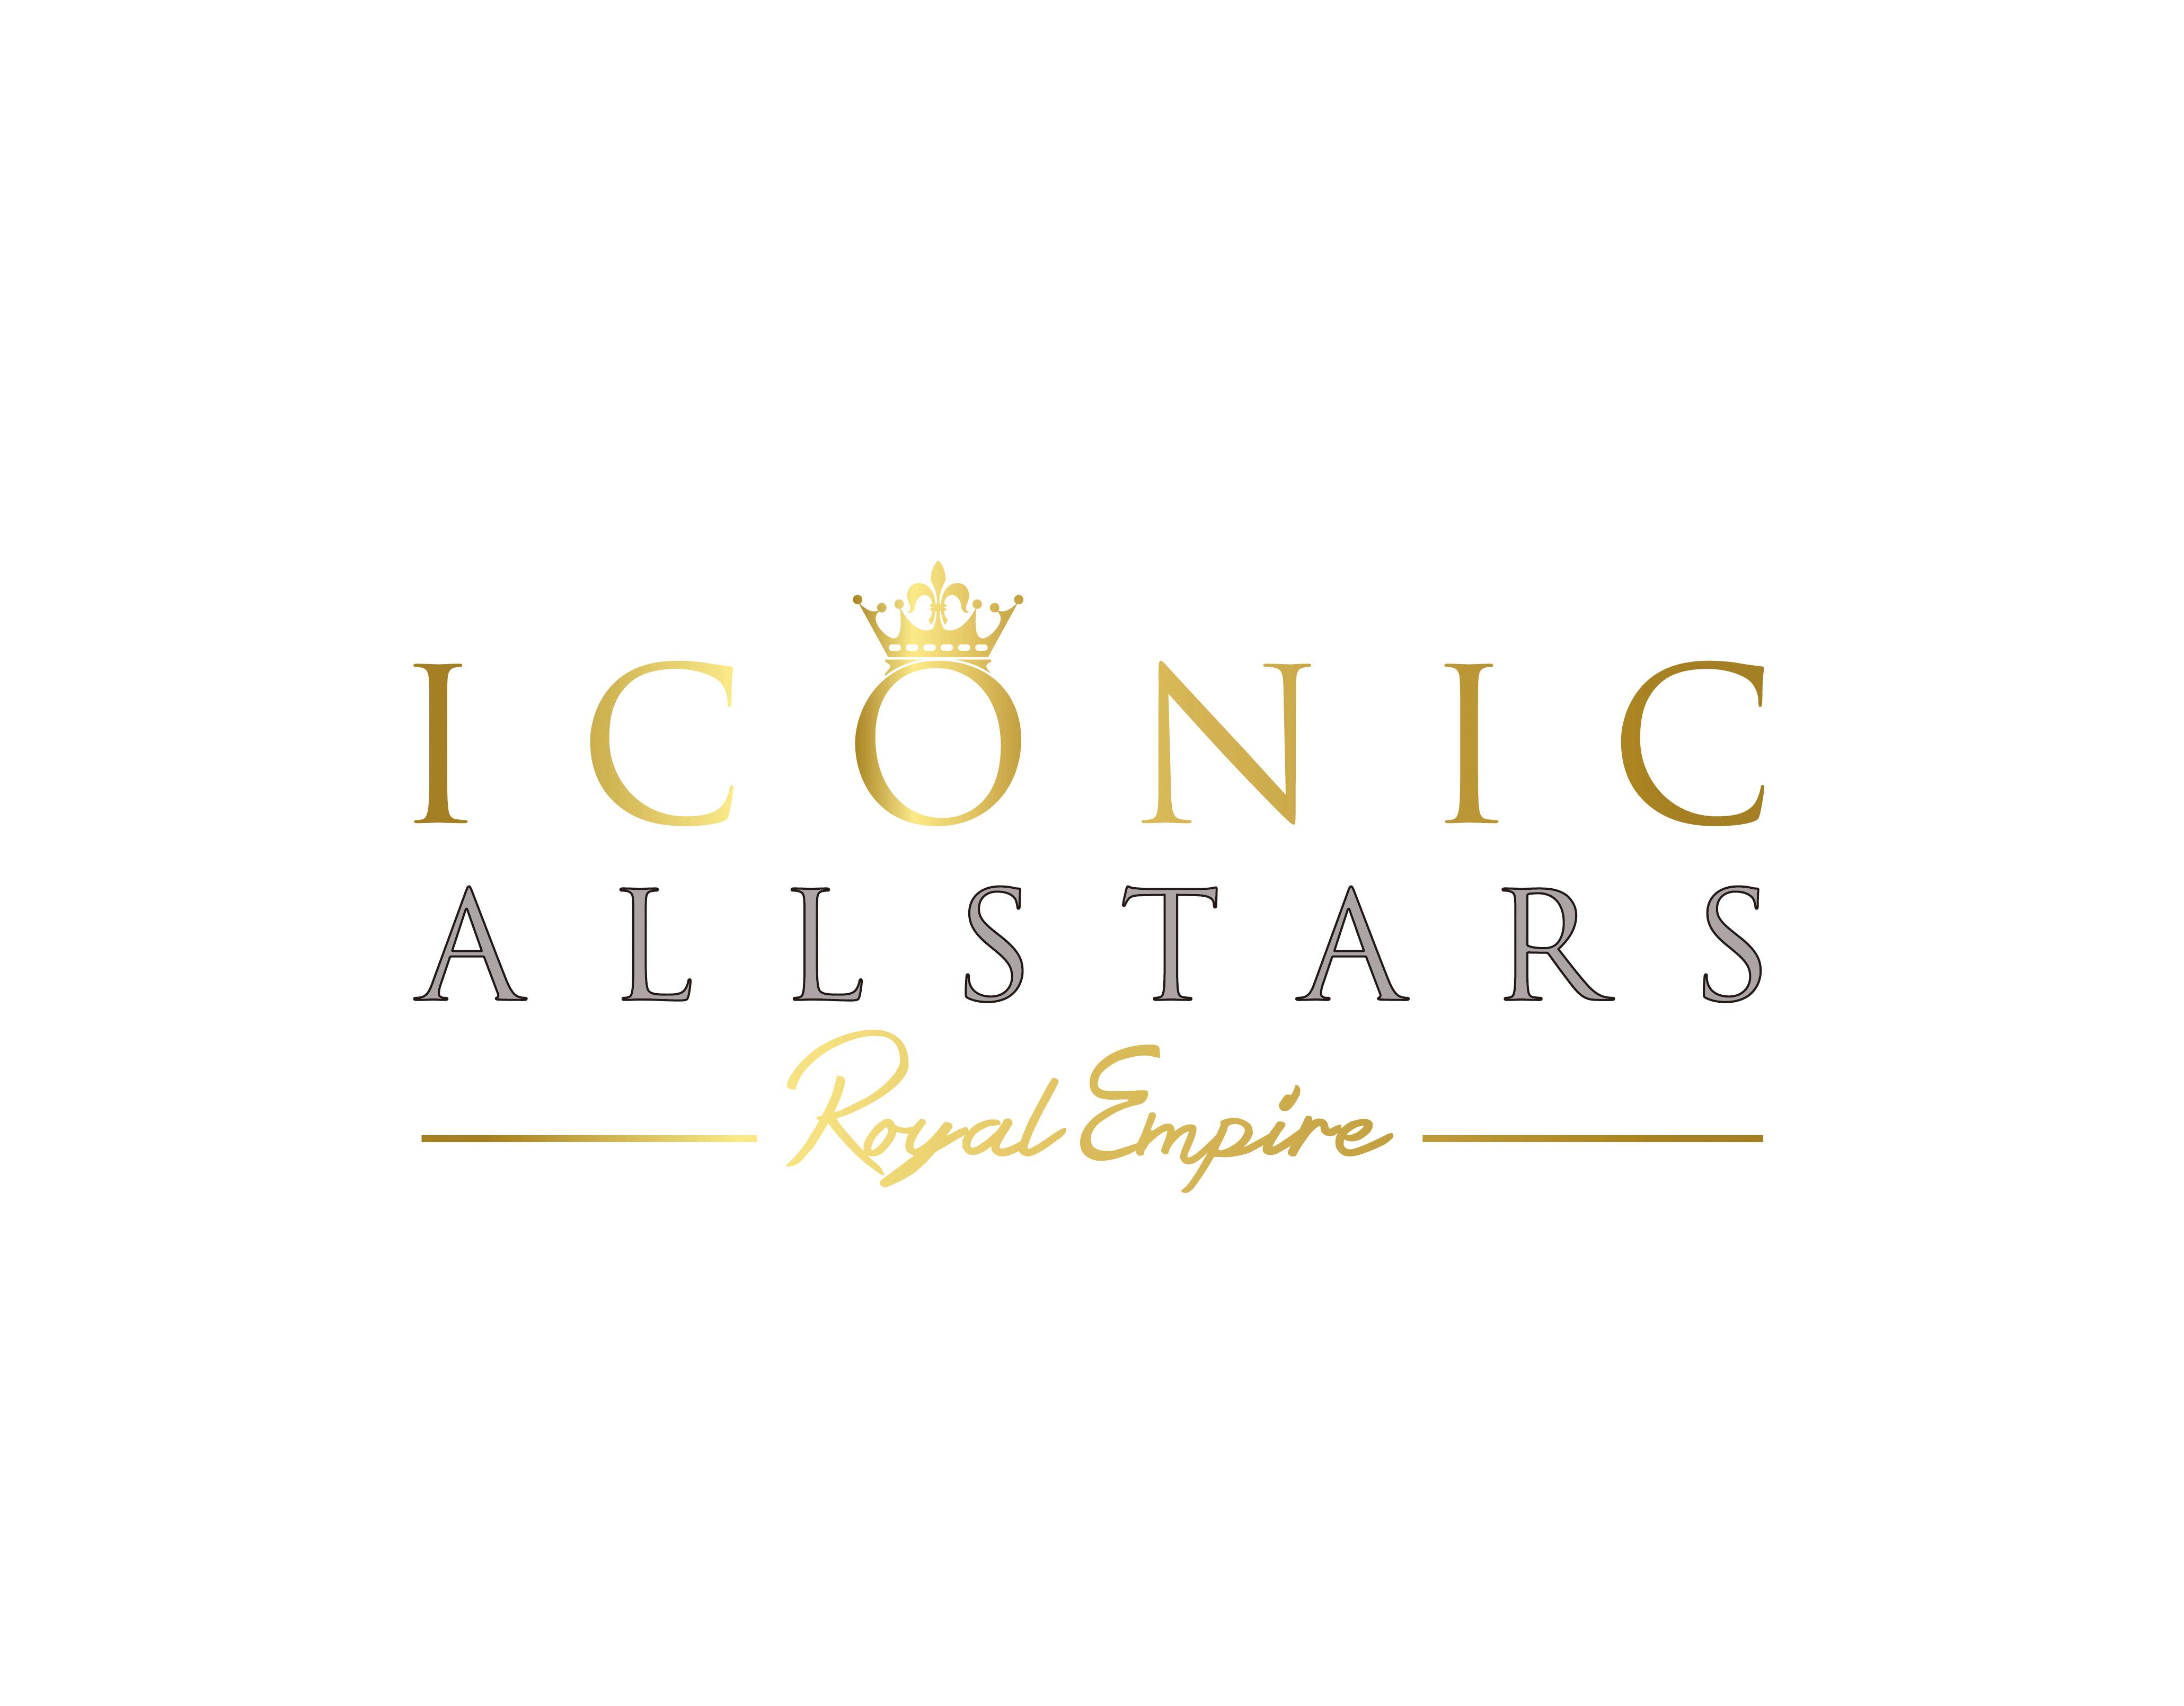 Iconic-Allstars-1-white-background-revised-1